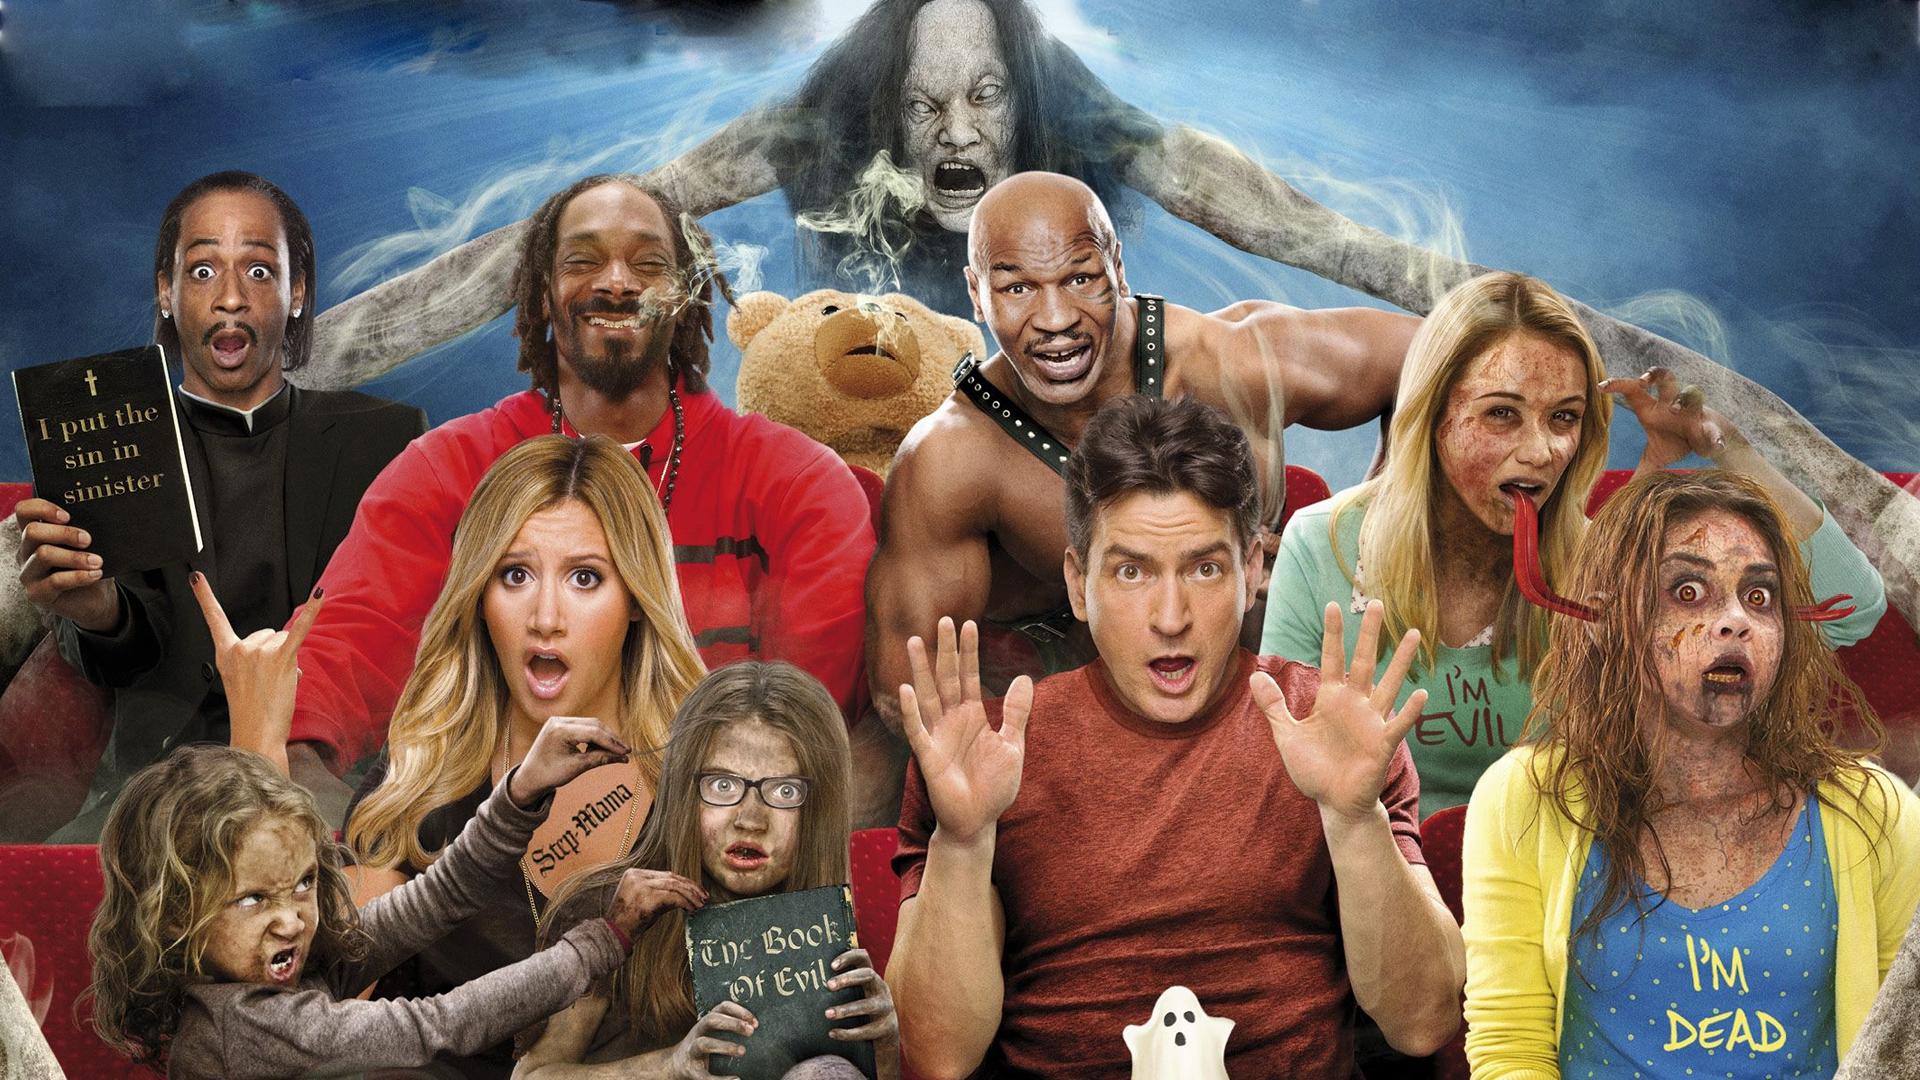 为什么系列老粉都说《惊声尖笑5》不好看?